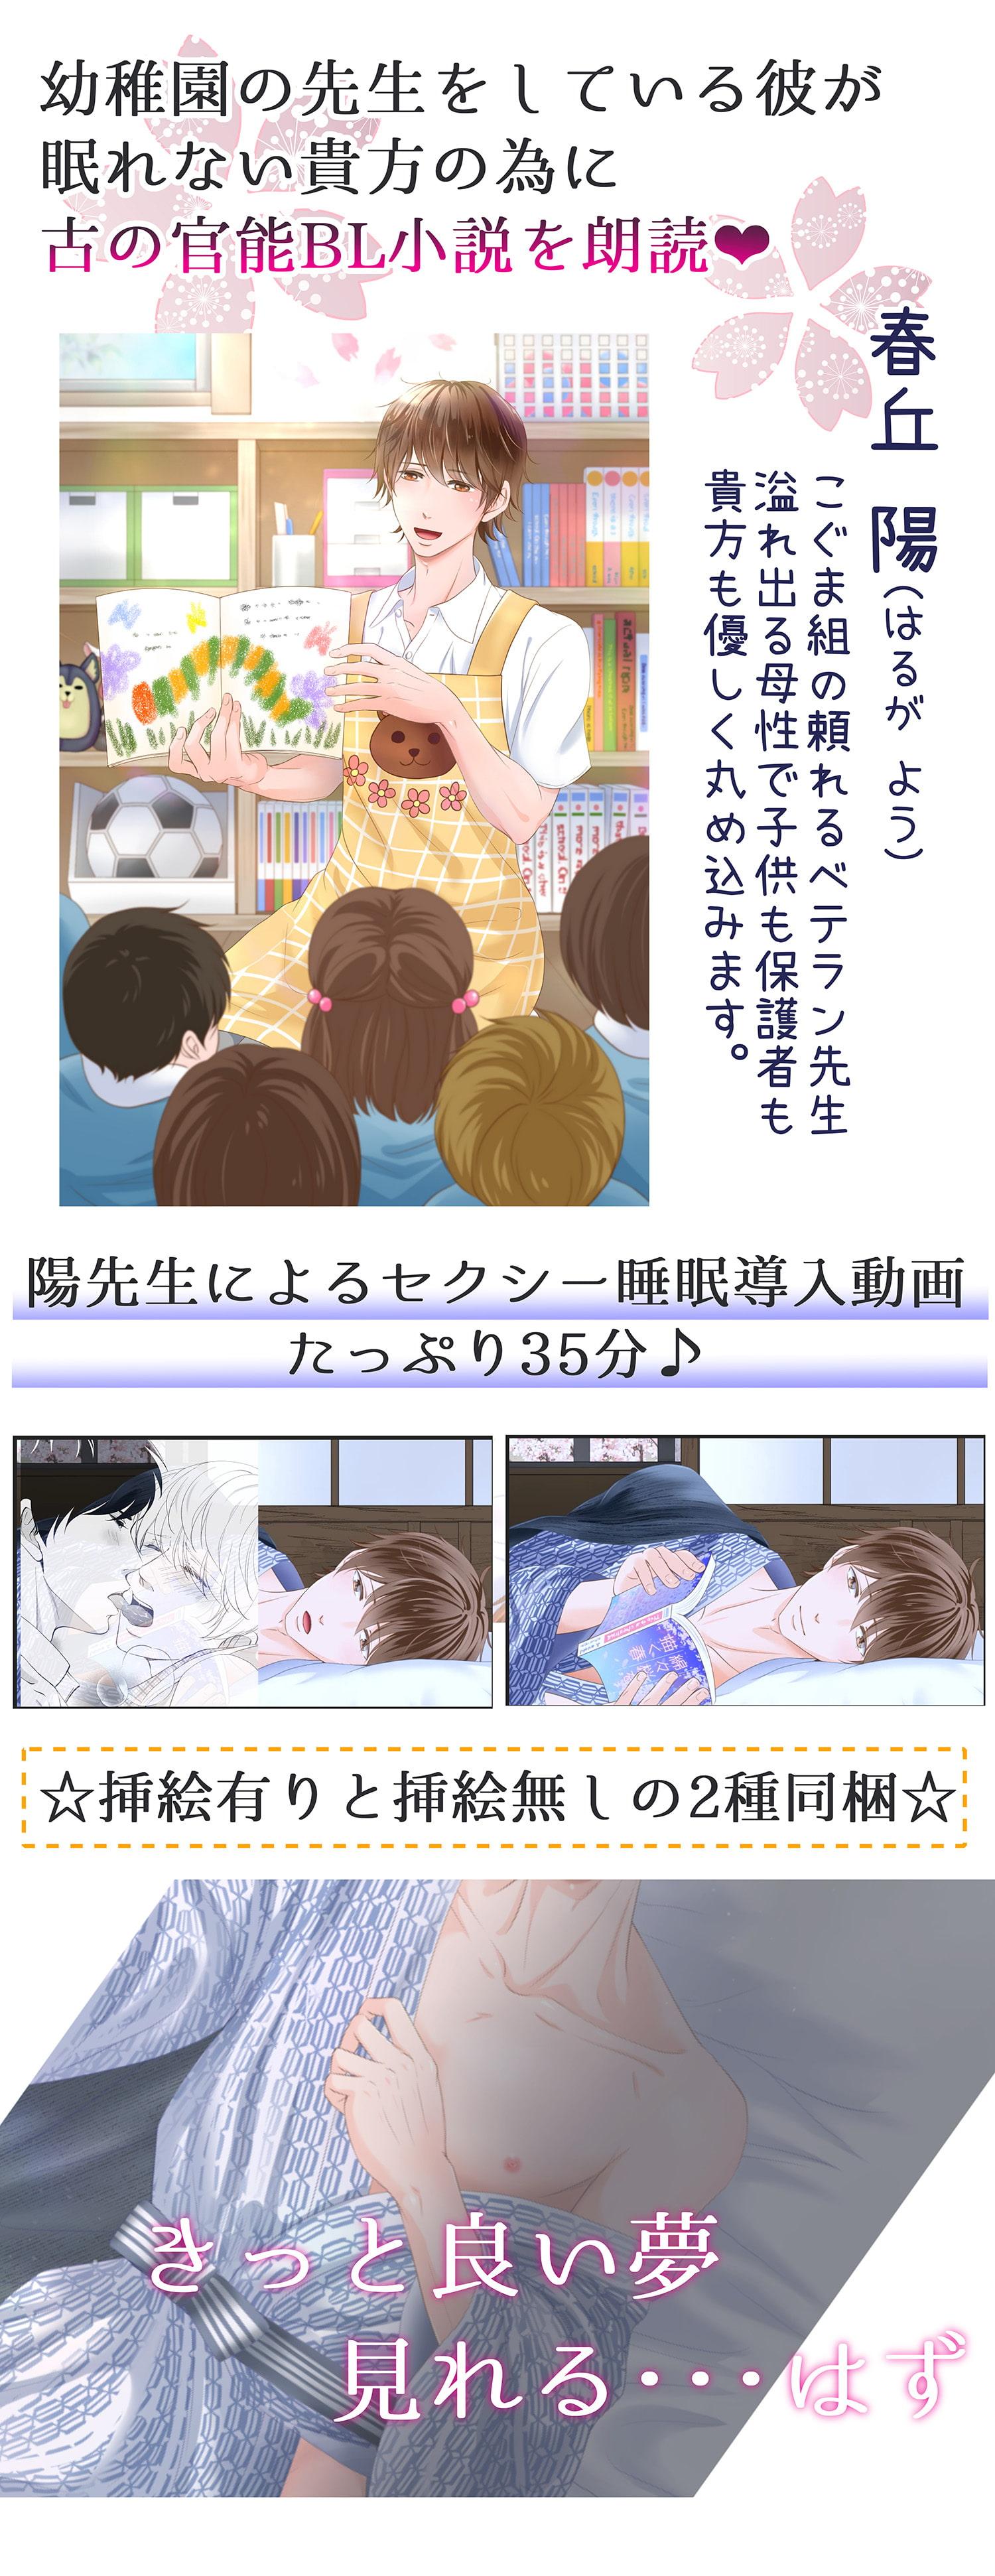 眠れない夜は【セクシー睡眠導入動画】 [ぷれい☆る~む]